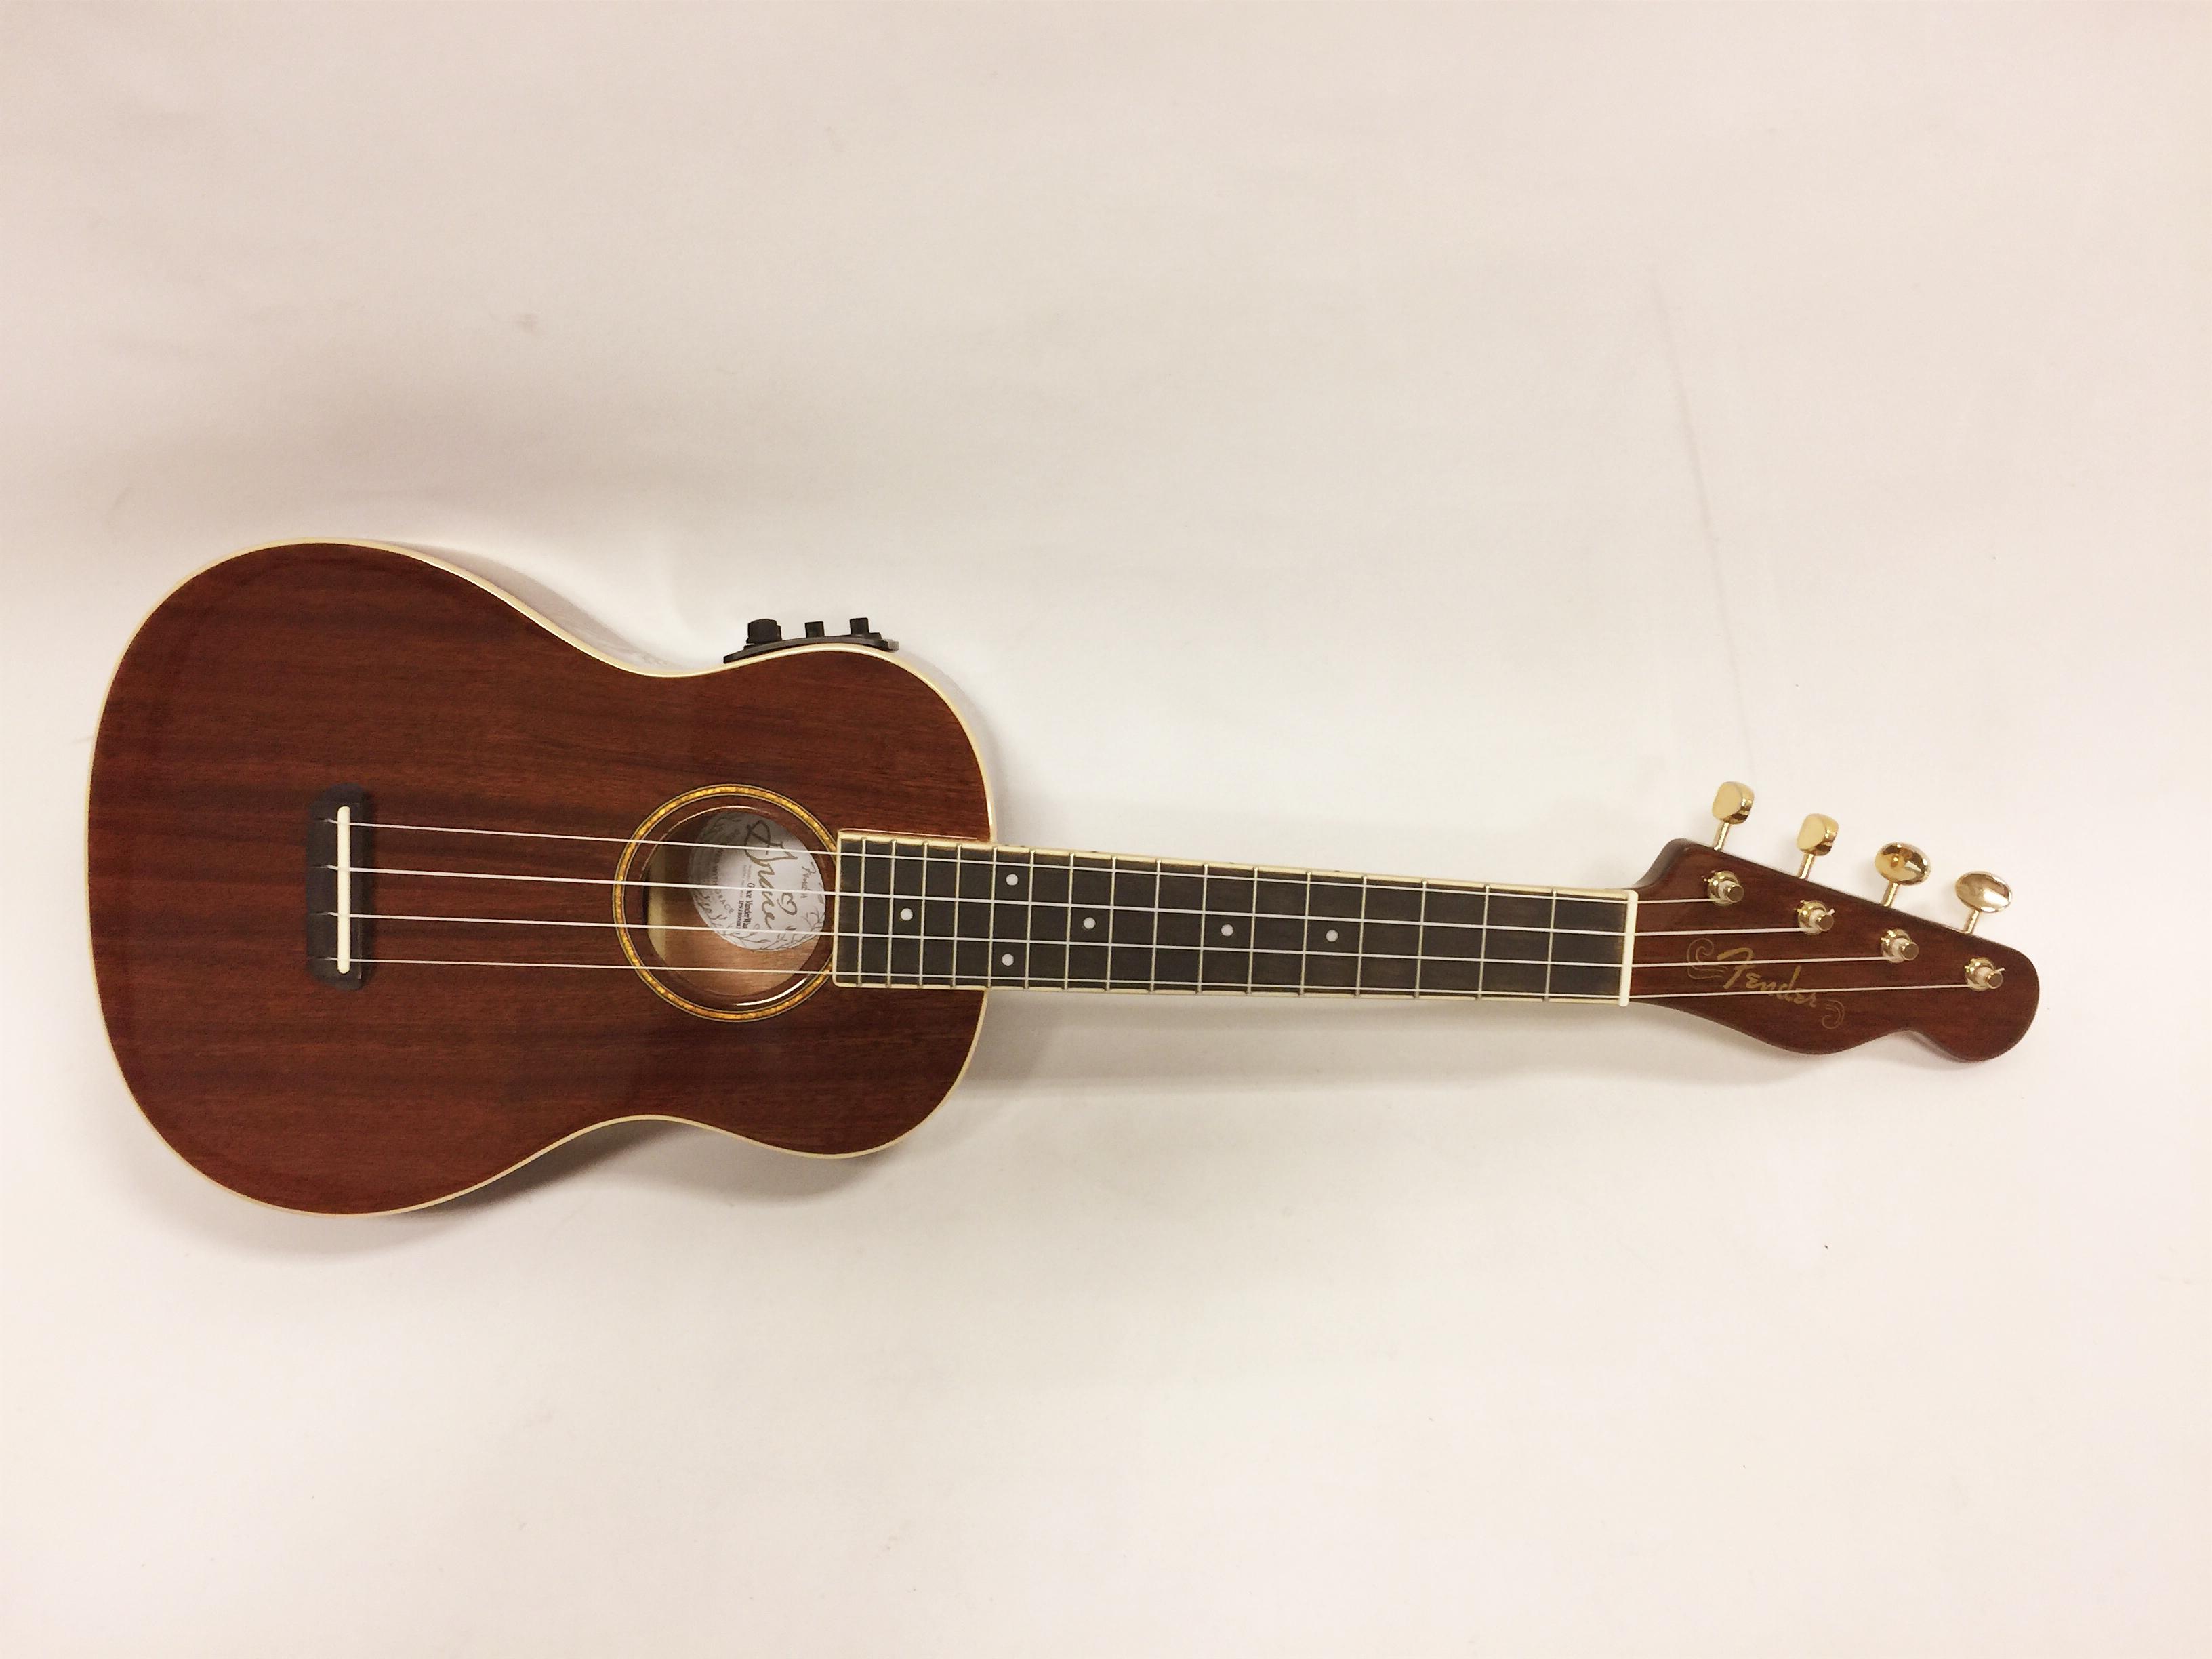 Grace Vanderwaal Ukulele : first look fender s new grace vanderwaal signature ukuleles ukulele ~ Vivirlamusica.com Haus und Dekorationen